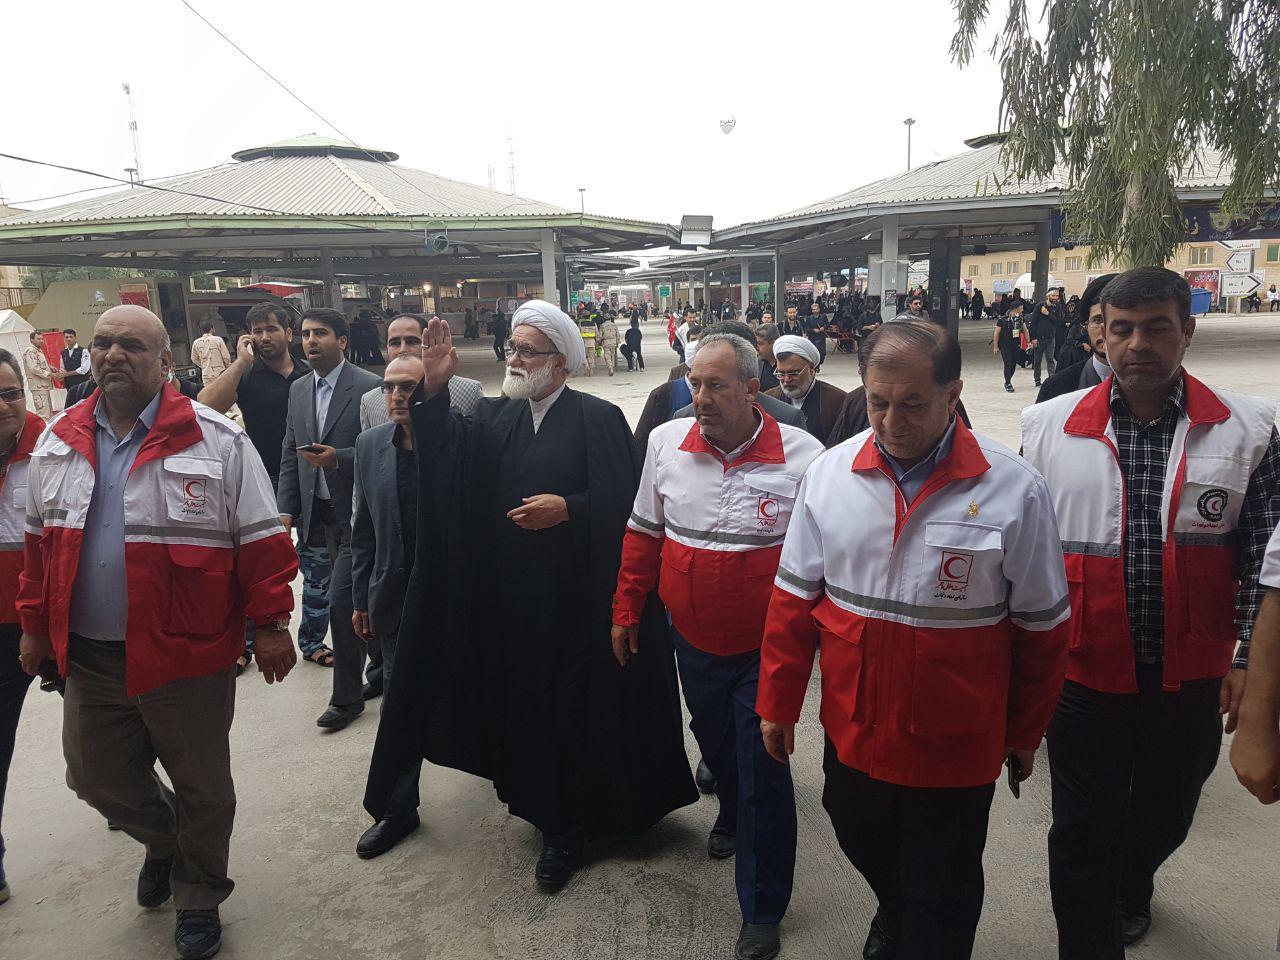 خدماترسانی جمعیت هلالاحمر با 4 قرارگاه و 9 هزار امدادگر